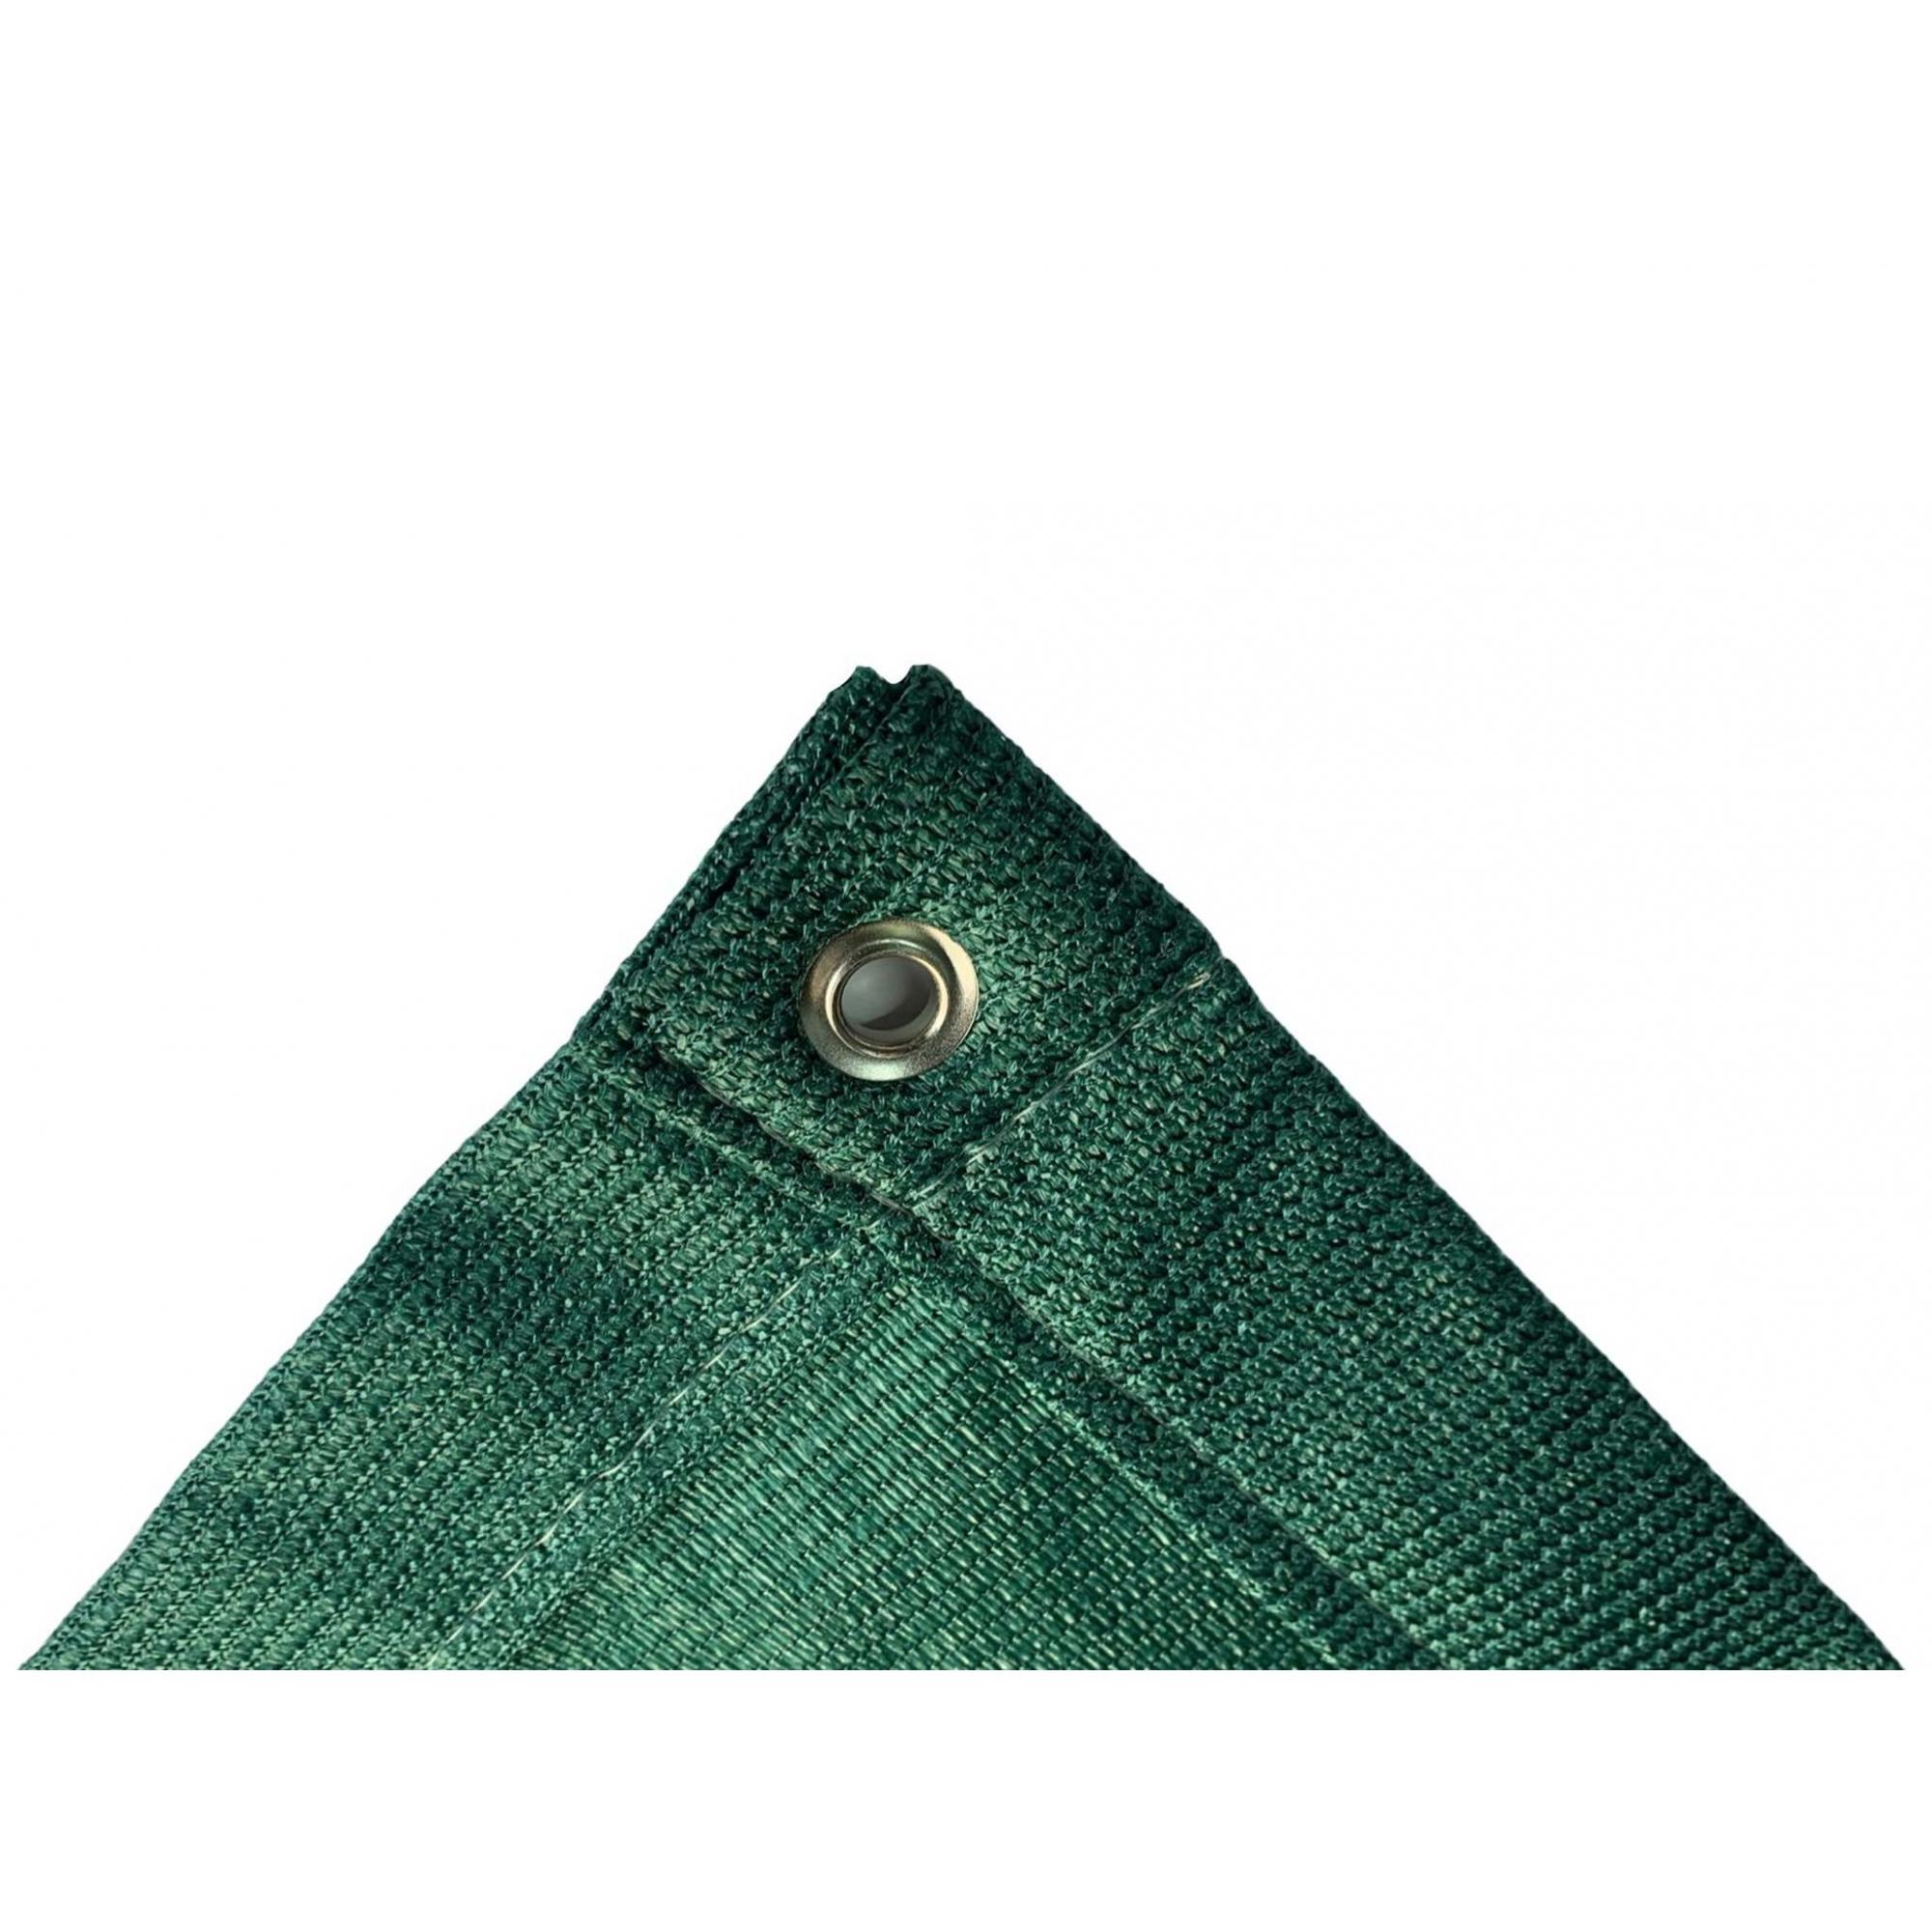 Tela de Sombreamento 90% Verde com Bainha e Ilhós - Largura: 2 Metros